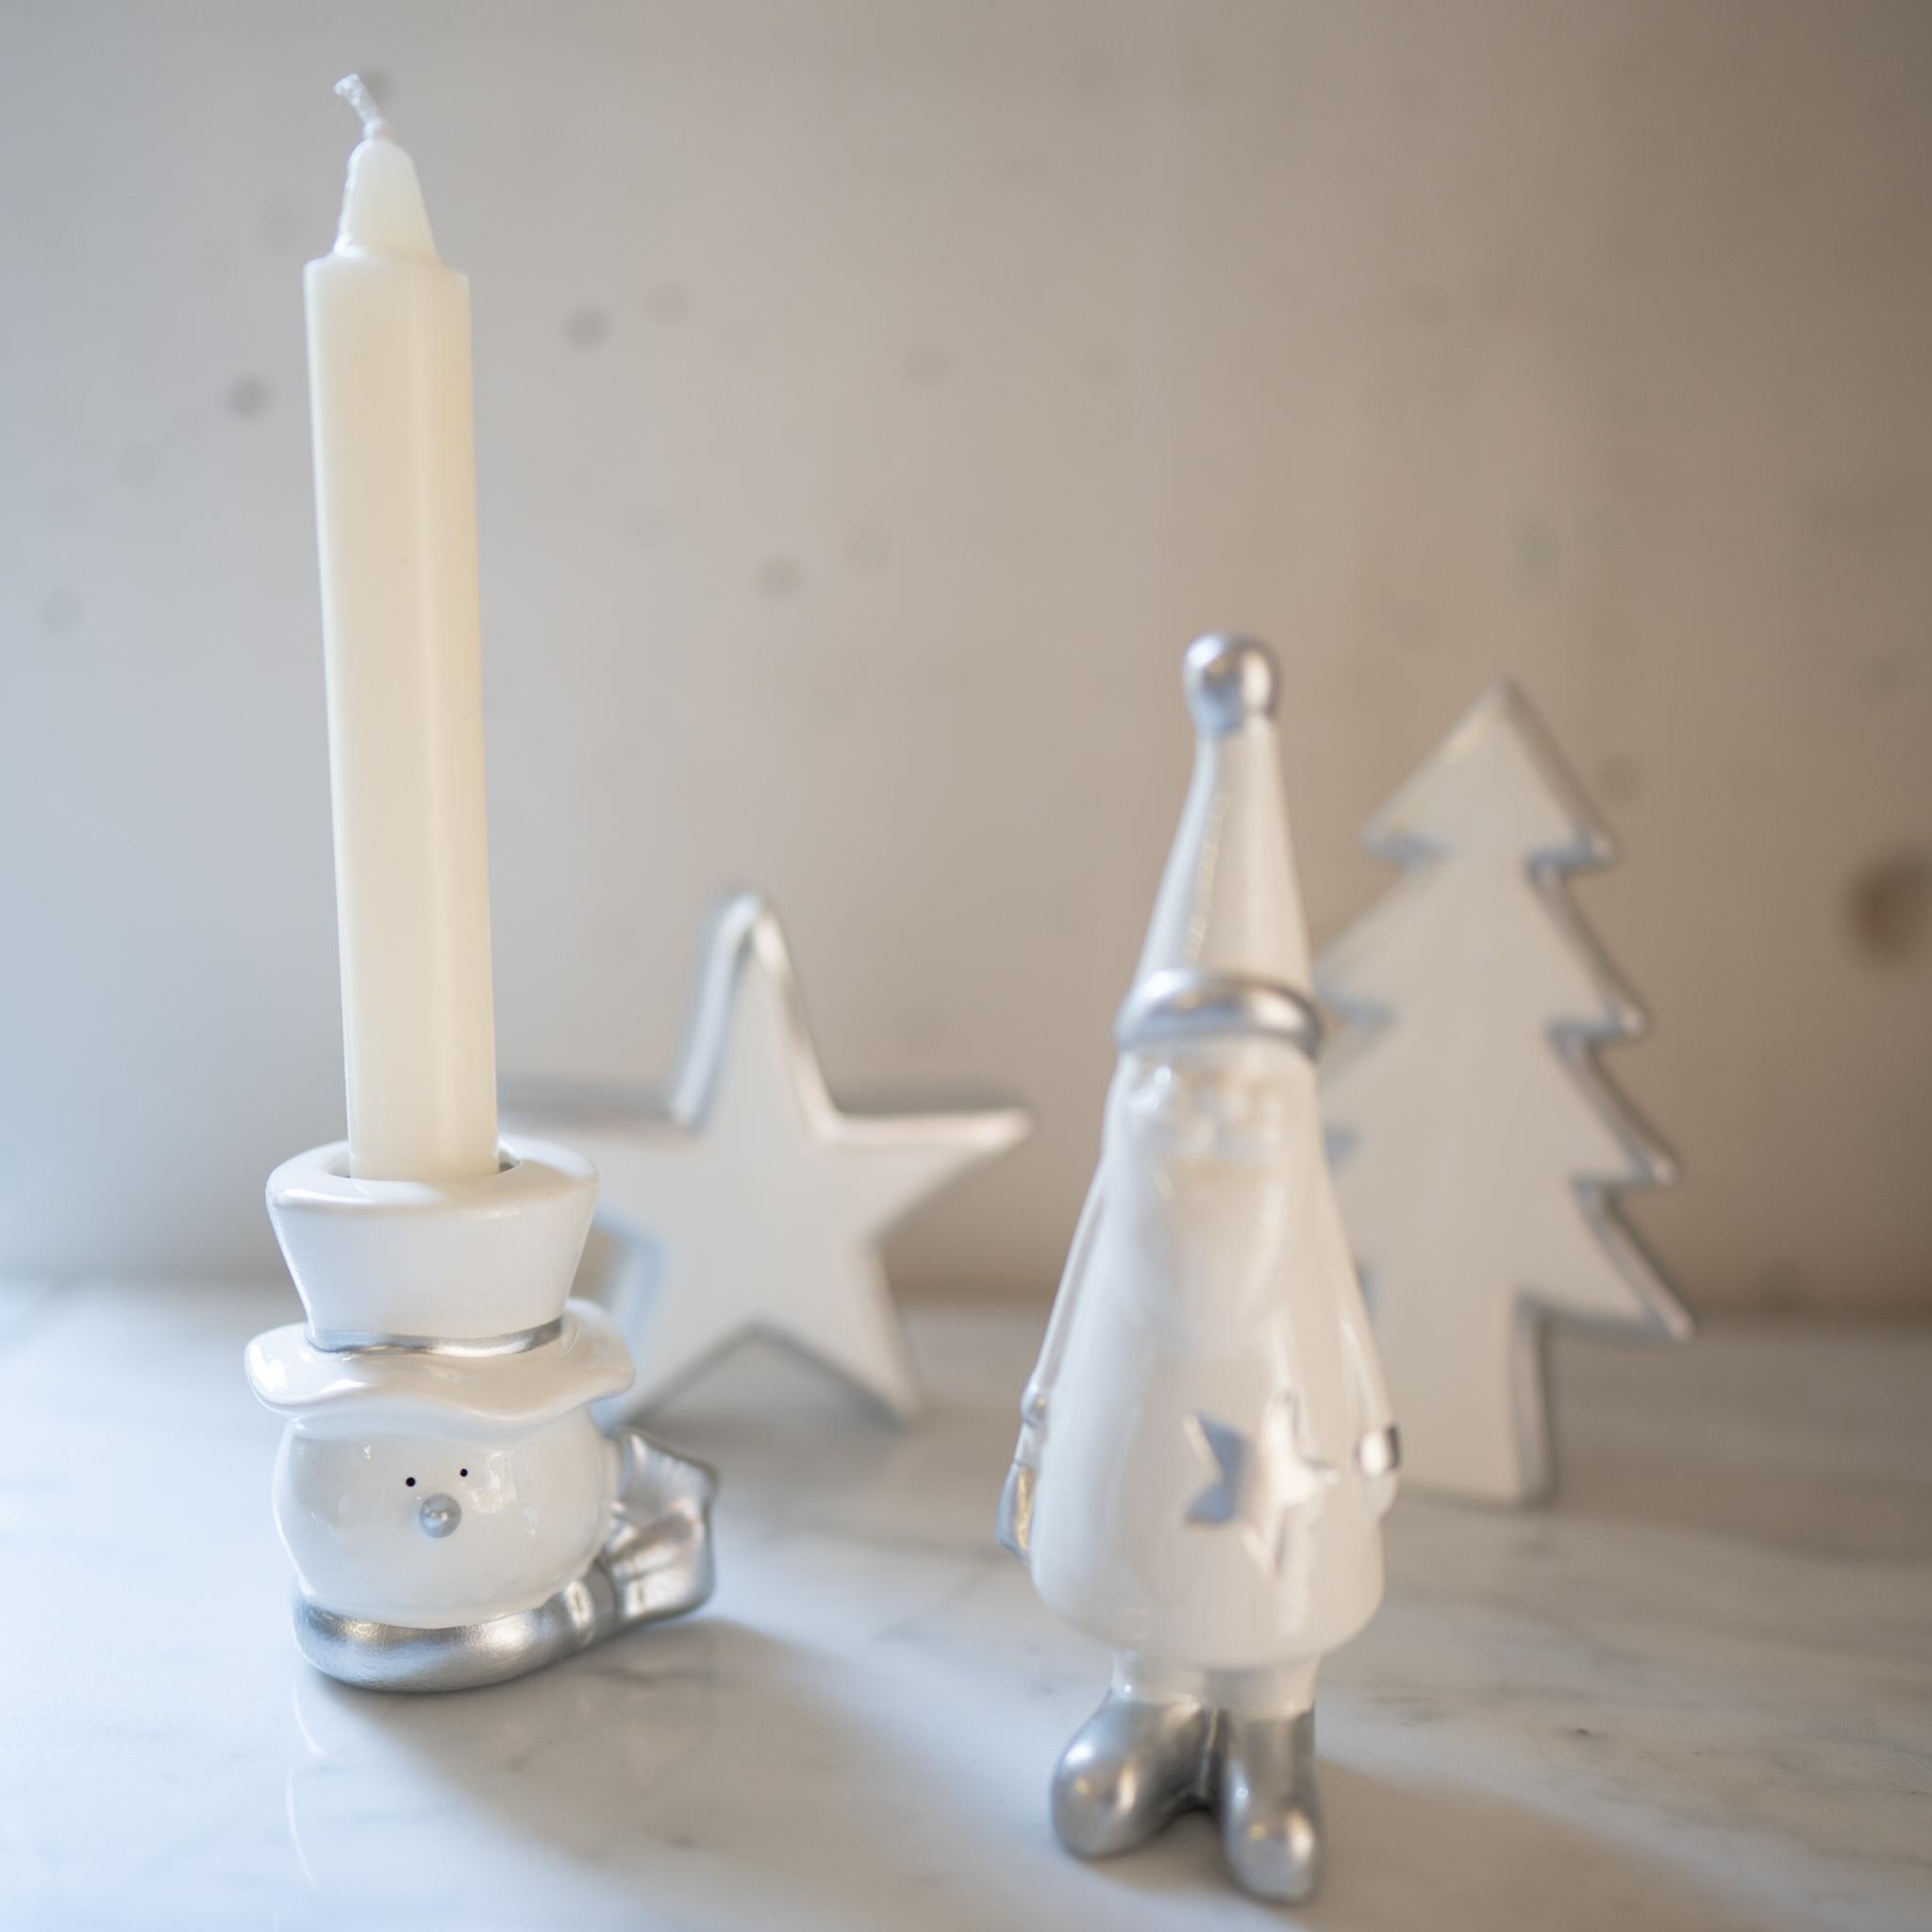 クリスマス装飾 ホワイトミニツリー